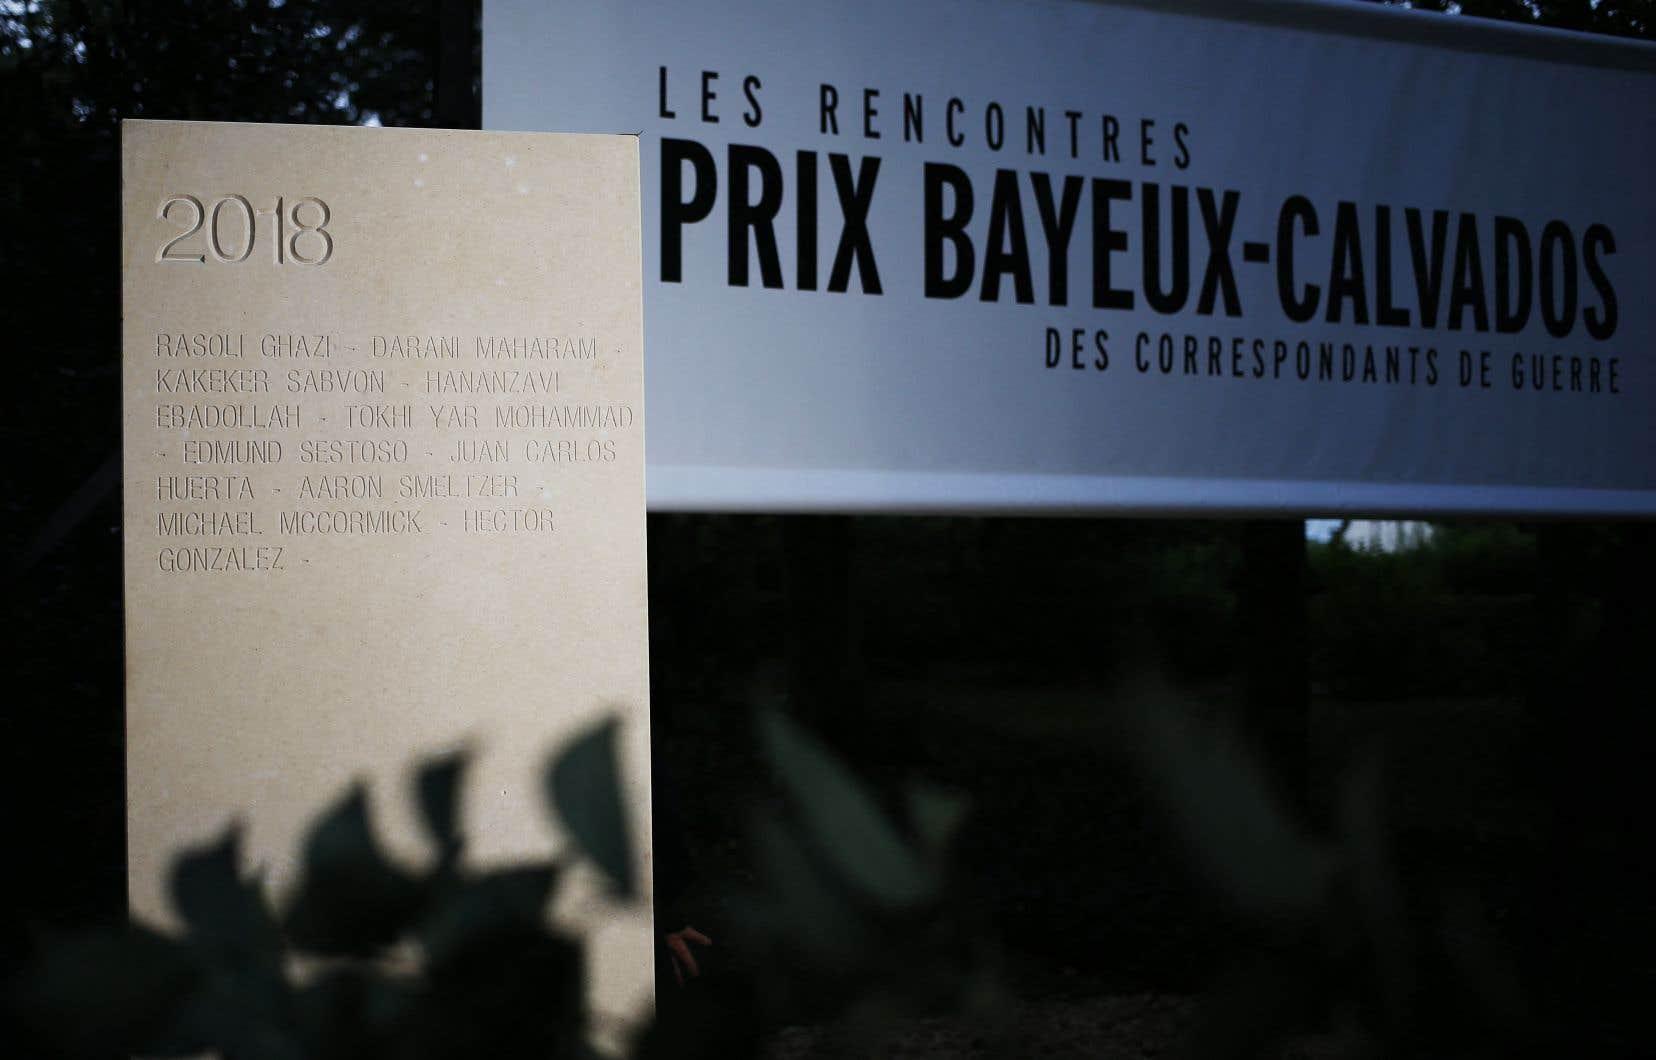 La semaine sera marquée comme tous les ans par le dévoilement jeudi d'une stèle portant le nom de journalistes tués dans l'exercice de leur métier au Mémorial des reporters deBayeux. On voit ici la stèle présentée en 2018.